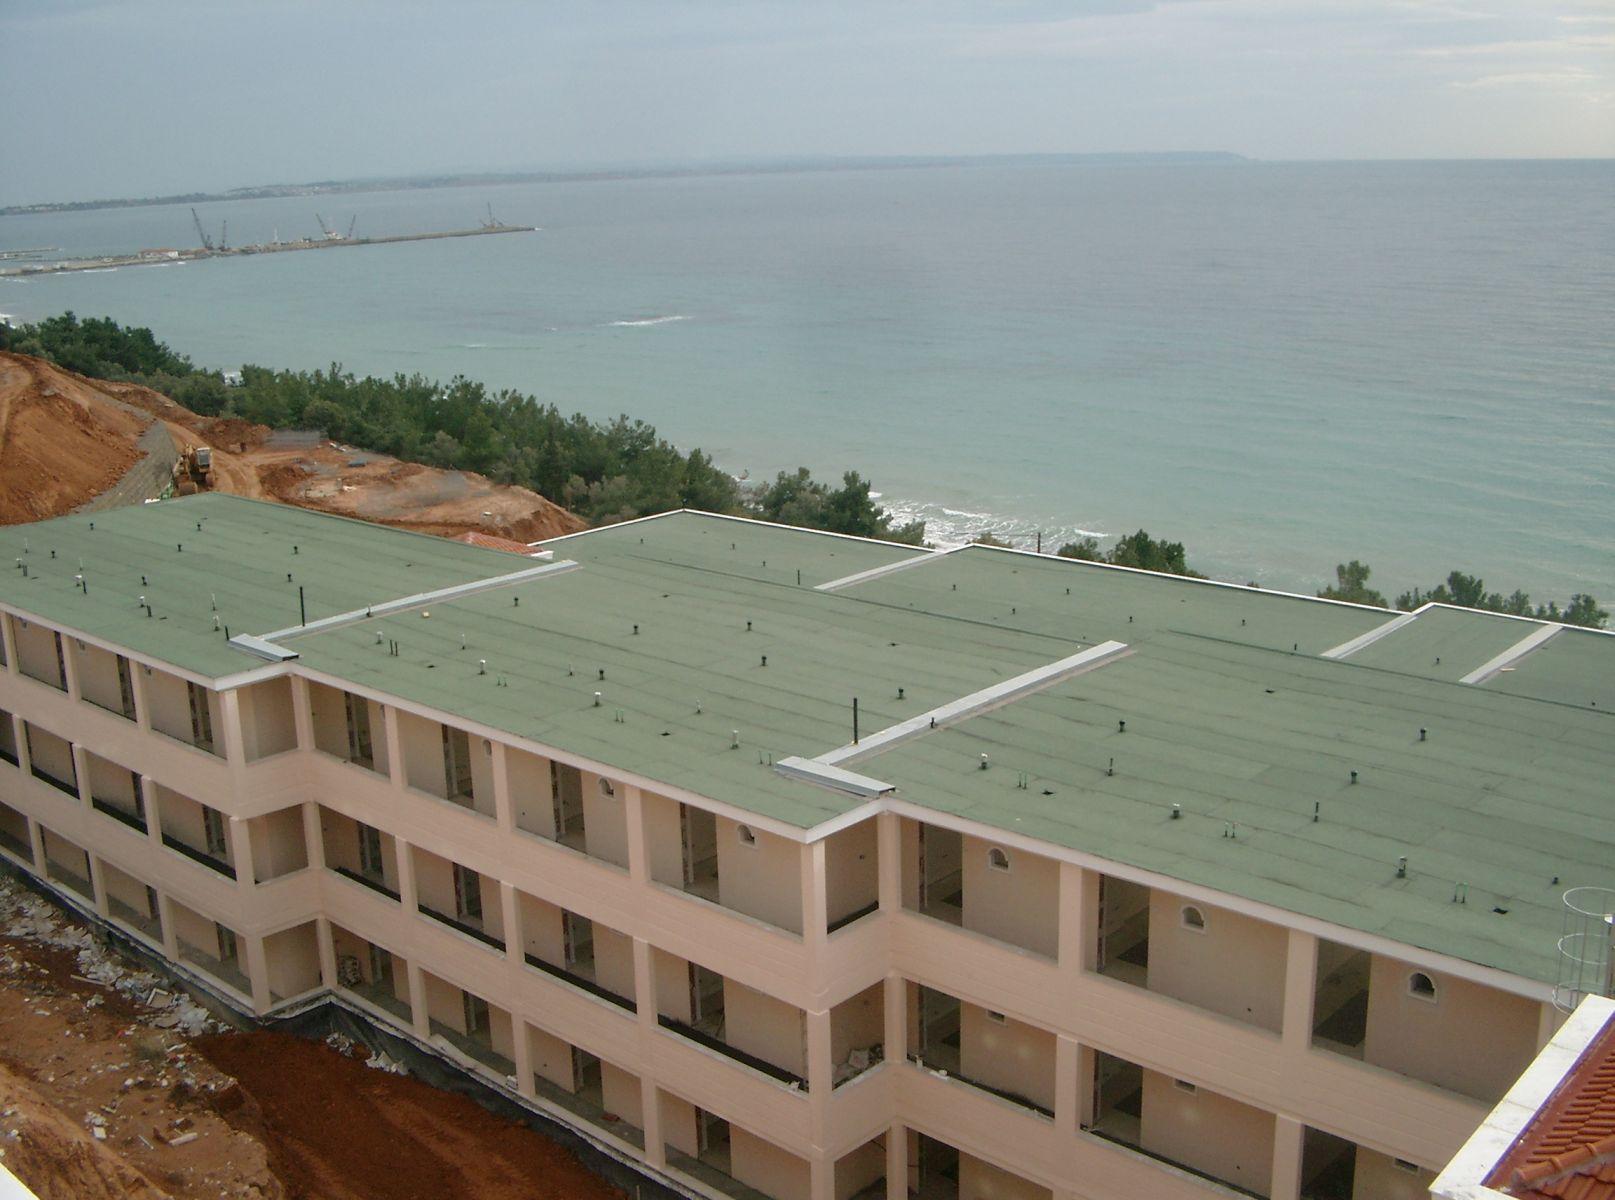 Θερμομόνωση δώματος στο ξενοδοχείο Oceania στην Χαλκιδική επιφάνειας 3.000sqm